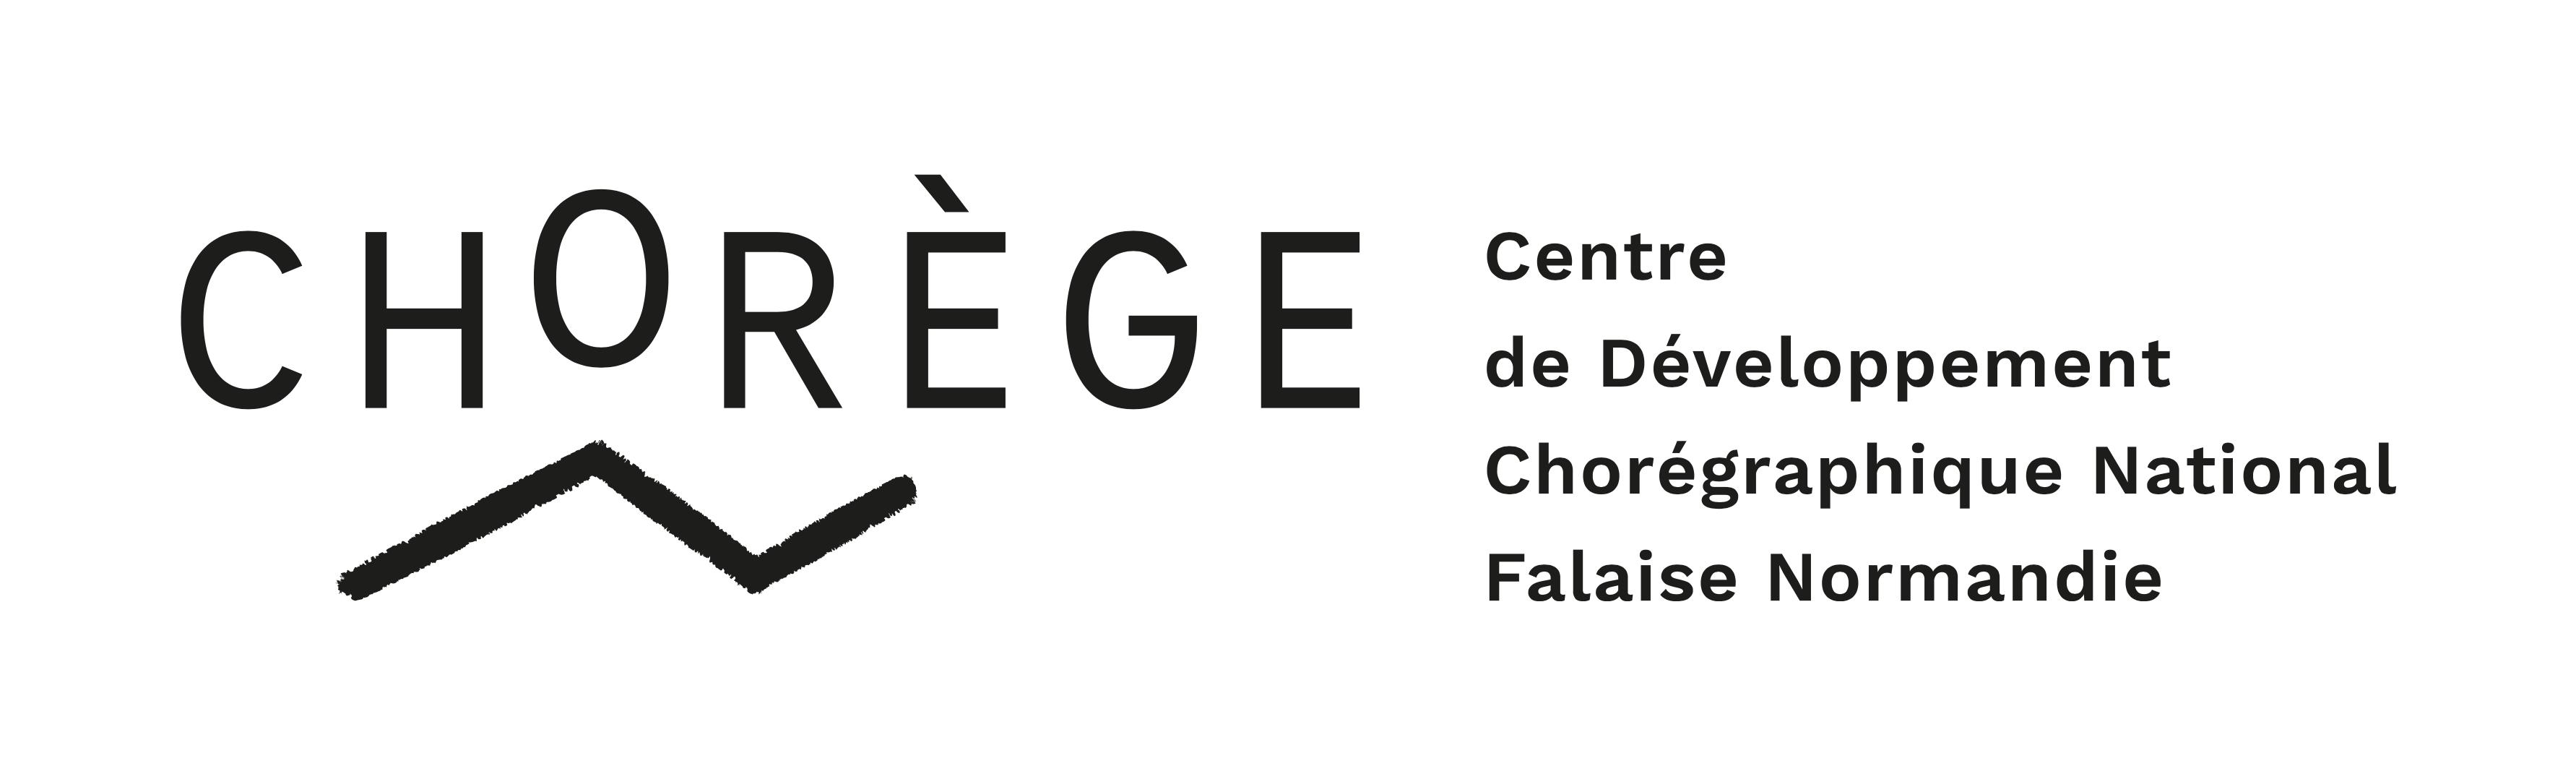 Logo Chorège CDCN Falaise Normandie